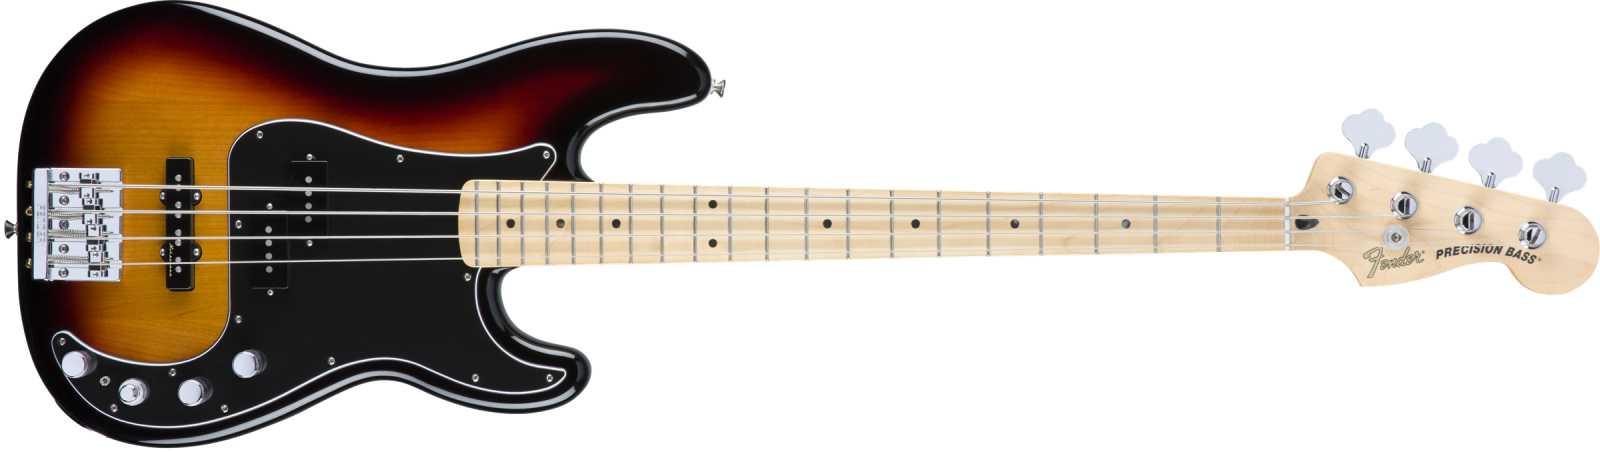 Fender DLX P Bass Special MN 3CS 3 Color Sunburst Aktive